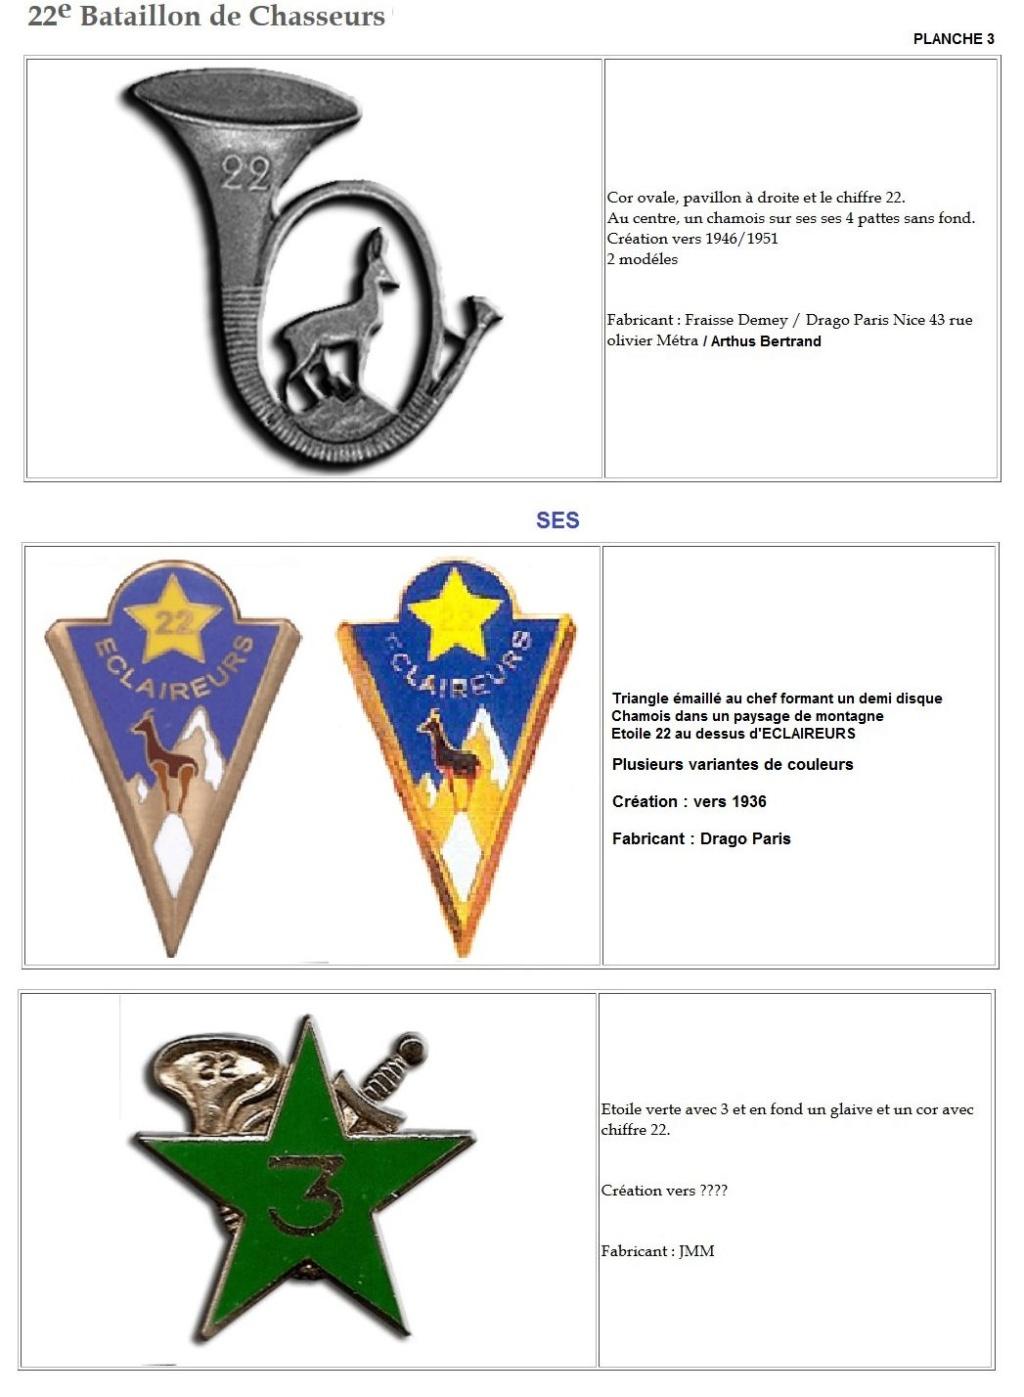 Les insignes de bataillons- Mise à jour... - Page 2 22e_pl12